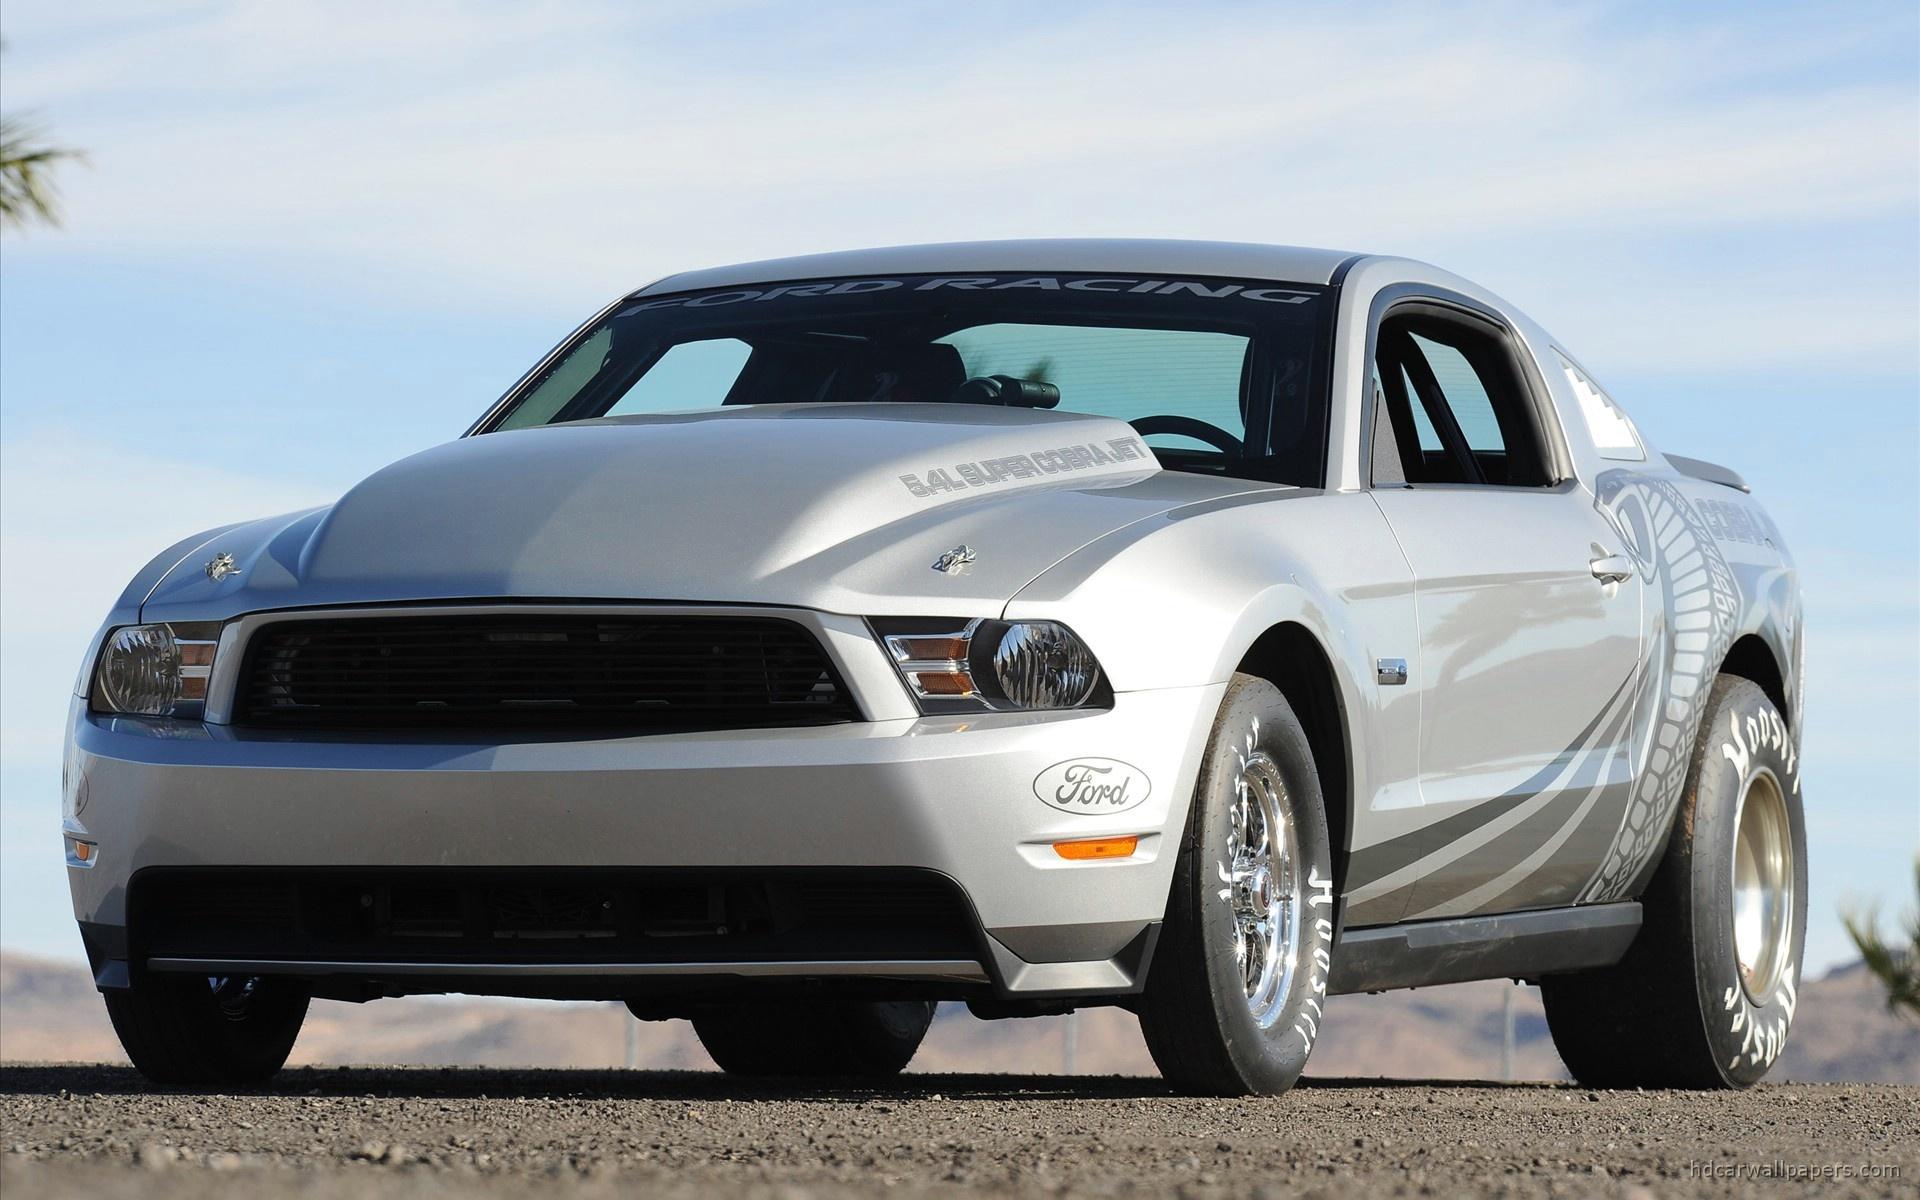 Ford Mustang Cobra Logo Wallpaper 59102 Loadtve